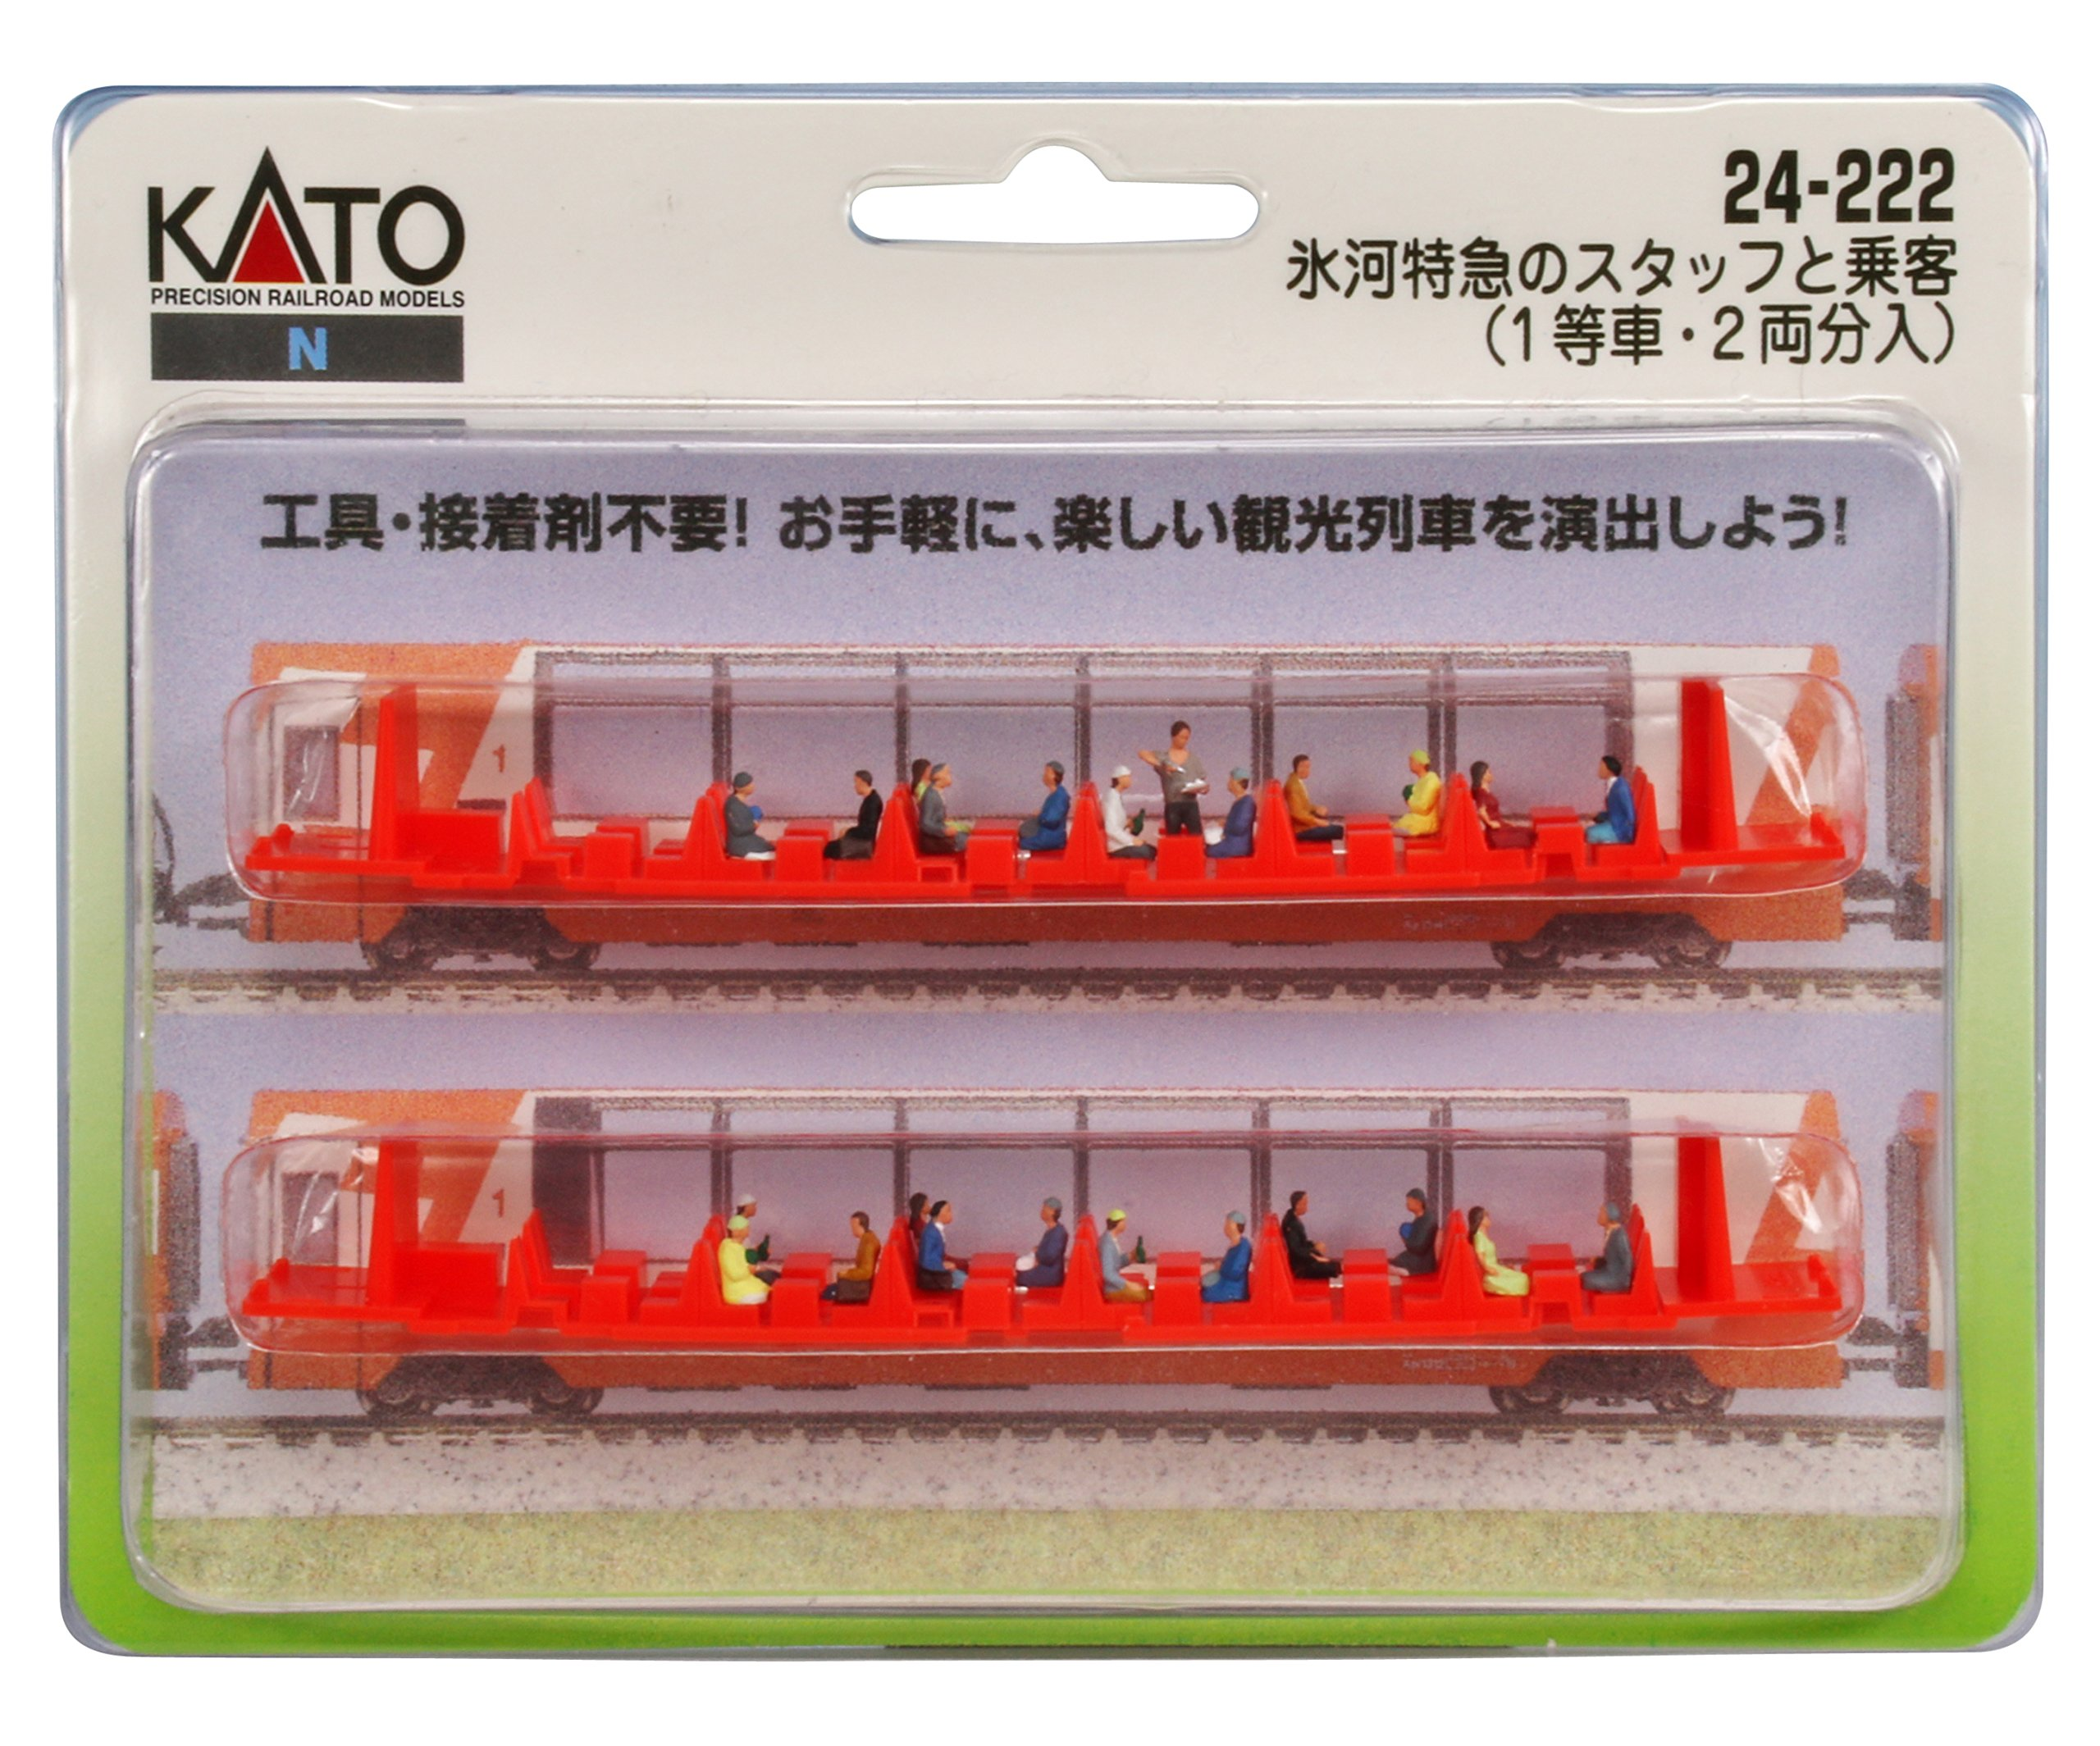 KATO N gauge Glacier Express passenger 2 and the like car-1 bisec.. From Japan